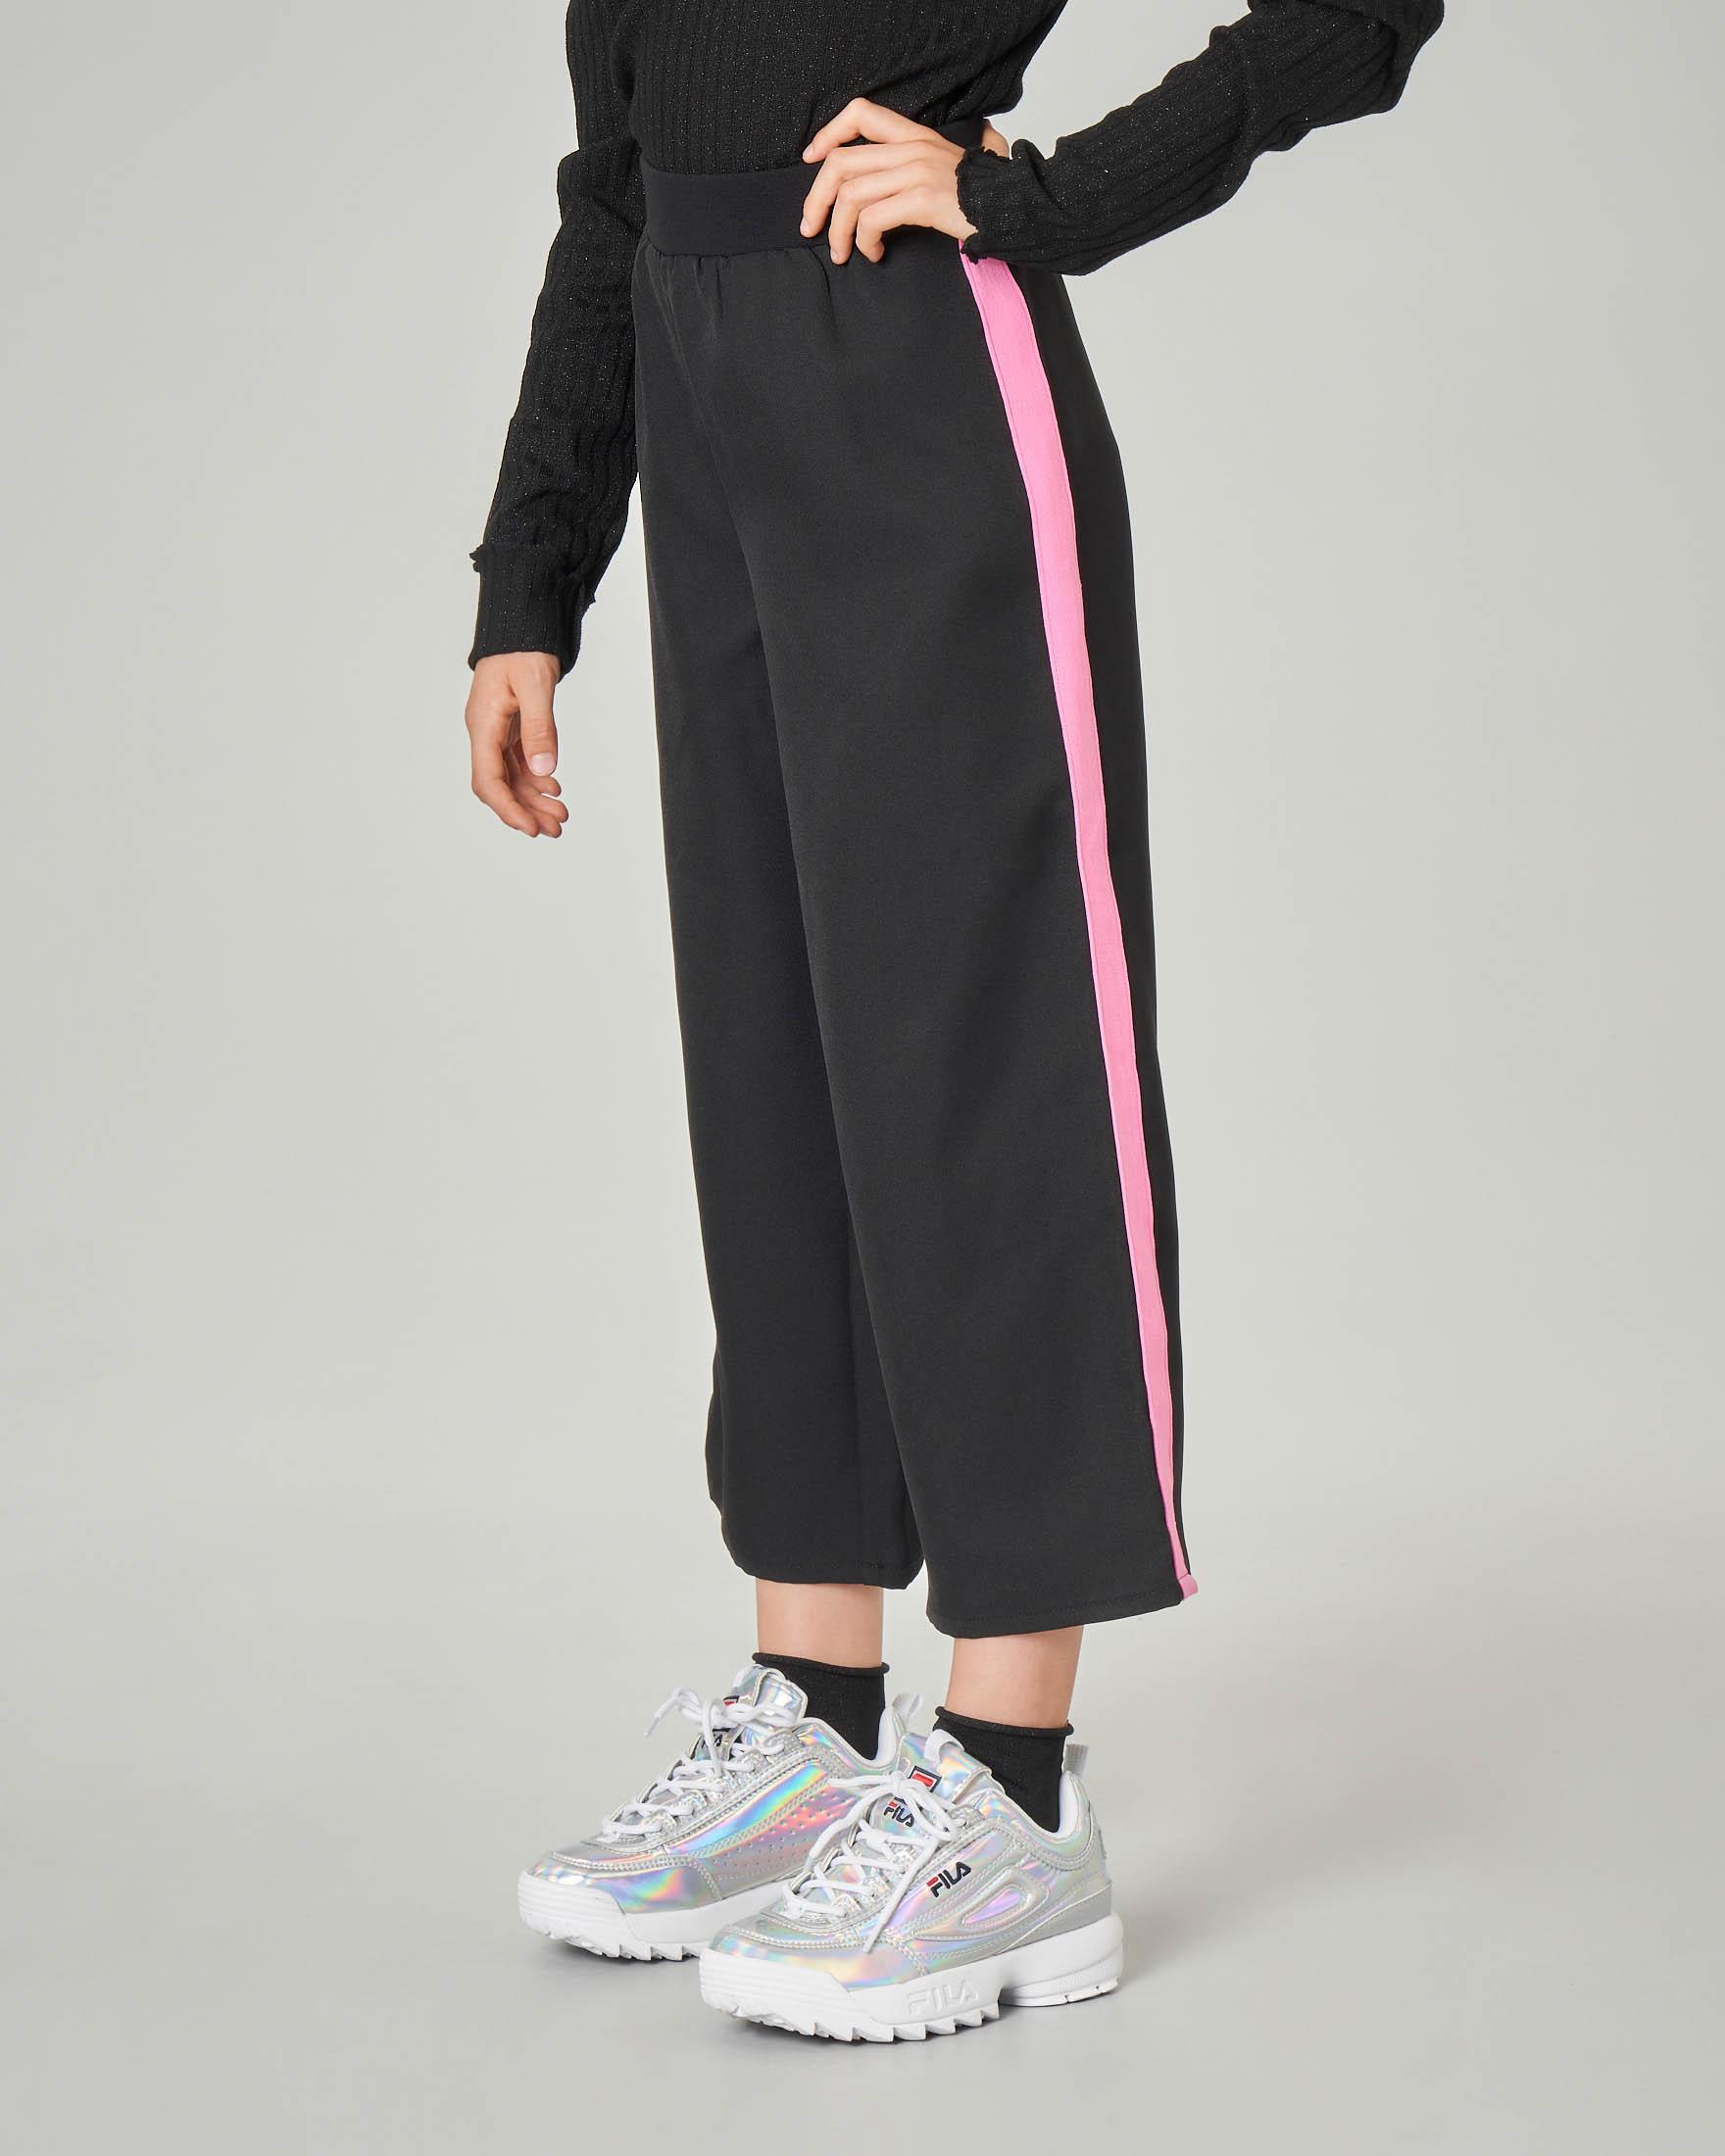 Pantalone nero palazzo con banda rosa 8-16 anni